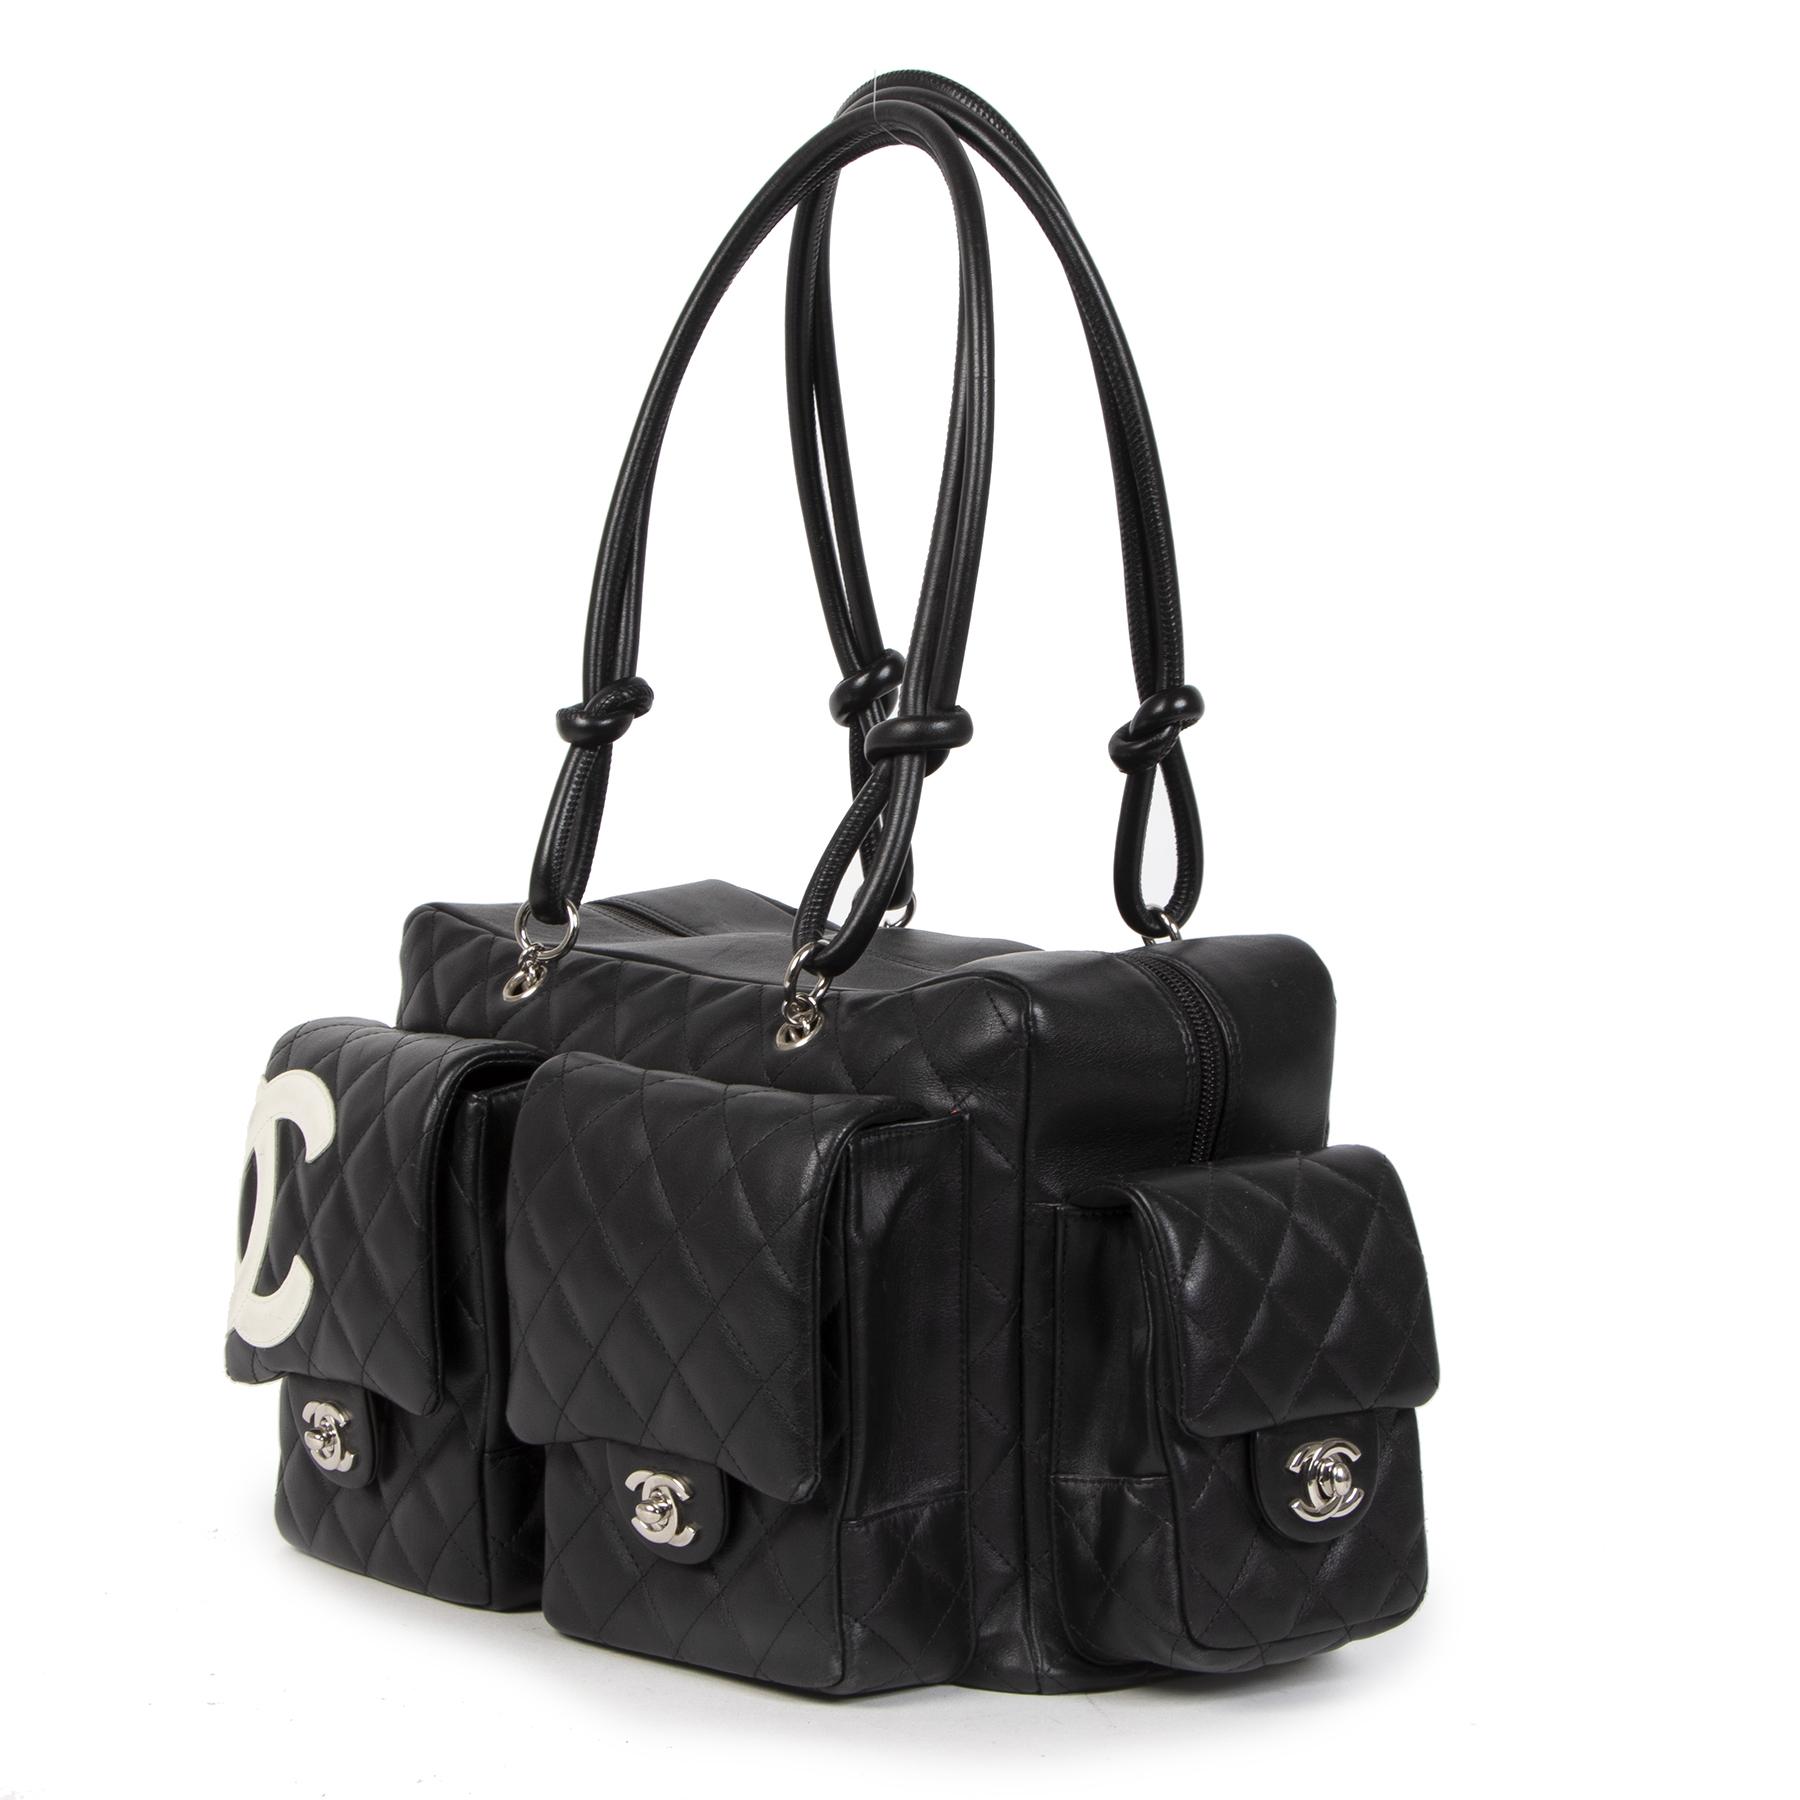 Koop Authentieke tweedehands Chanel Cambon Reportage Bag Black aan de juiste prijs online is alle veiligheid LabelLOV luxe merken Antwepen België